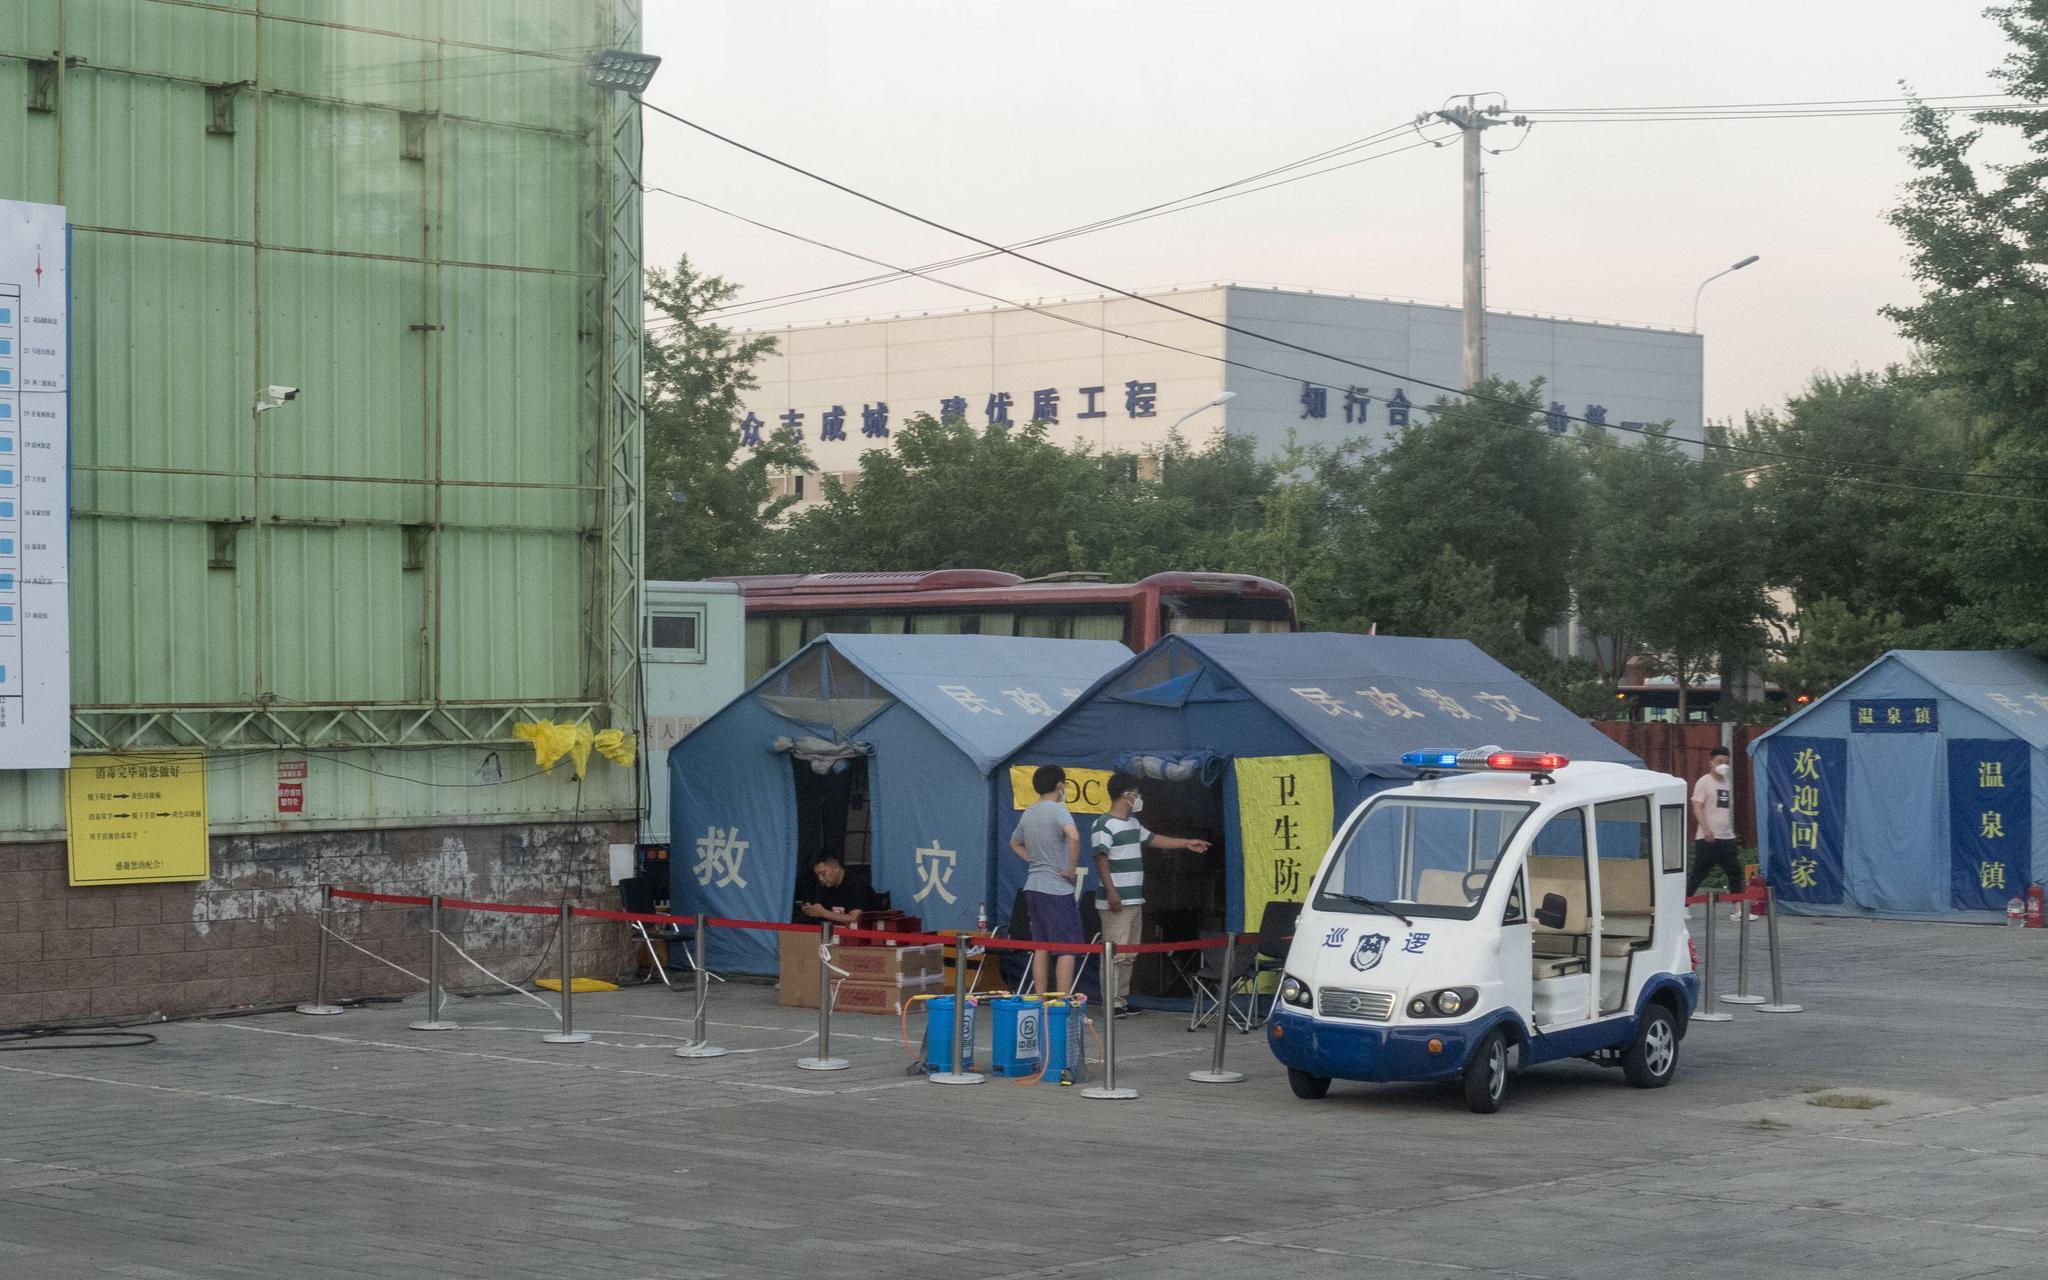 6月15日,海淀区四序青桥四周绿馨故里建材市场,核酸收罗地区,疾控中央的帐篷。新京报记者 李凯祥 摄